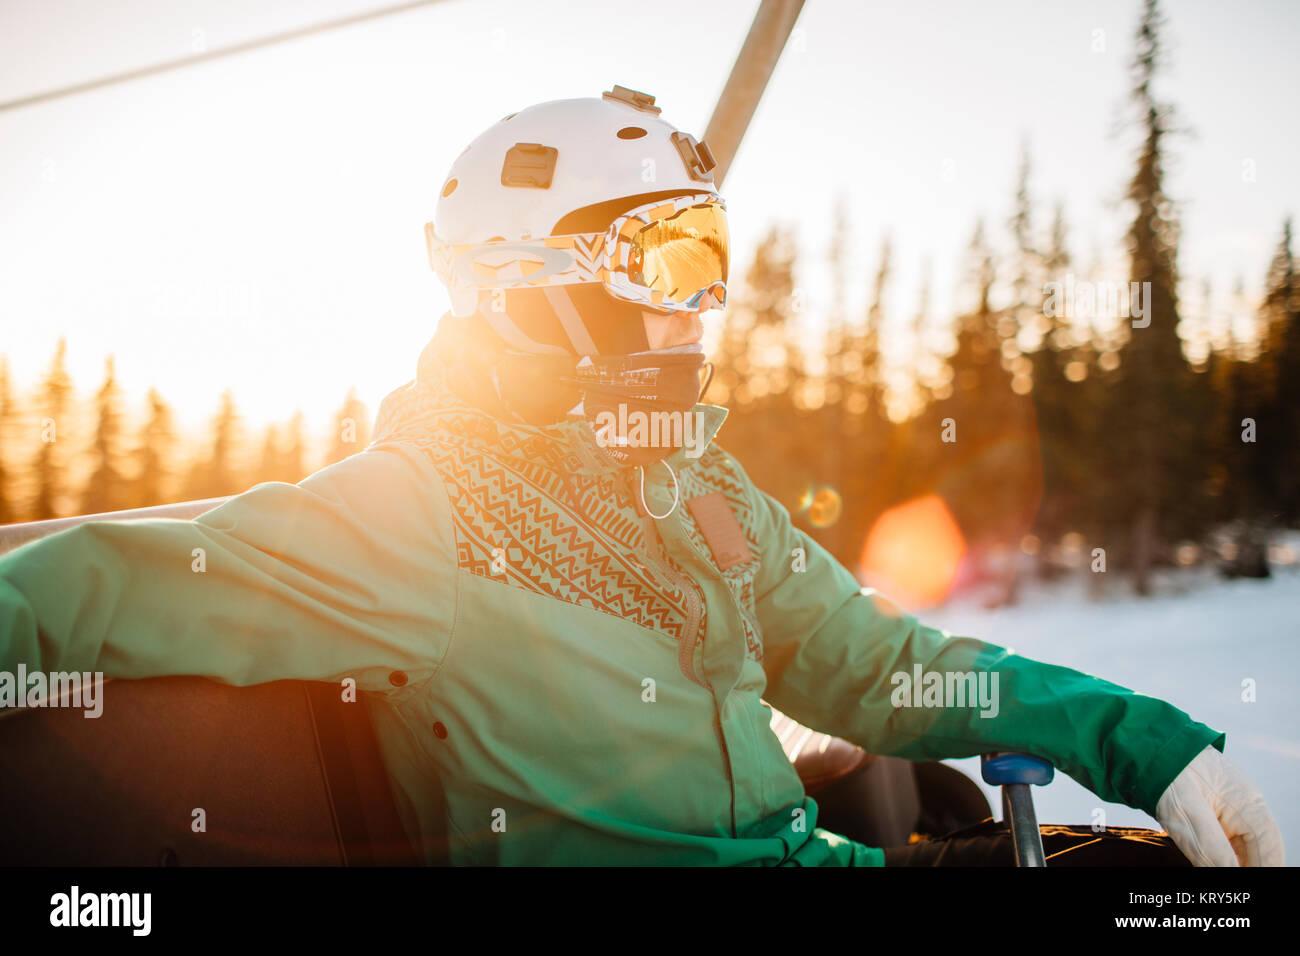 Uomo che indossa gli occhiali e casco al tramonto in Osterdalen, Norvegia Immagini Stock